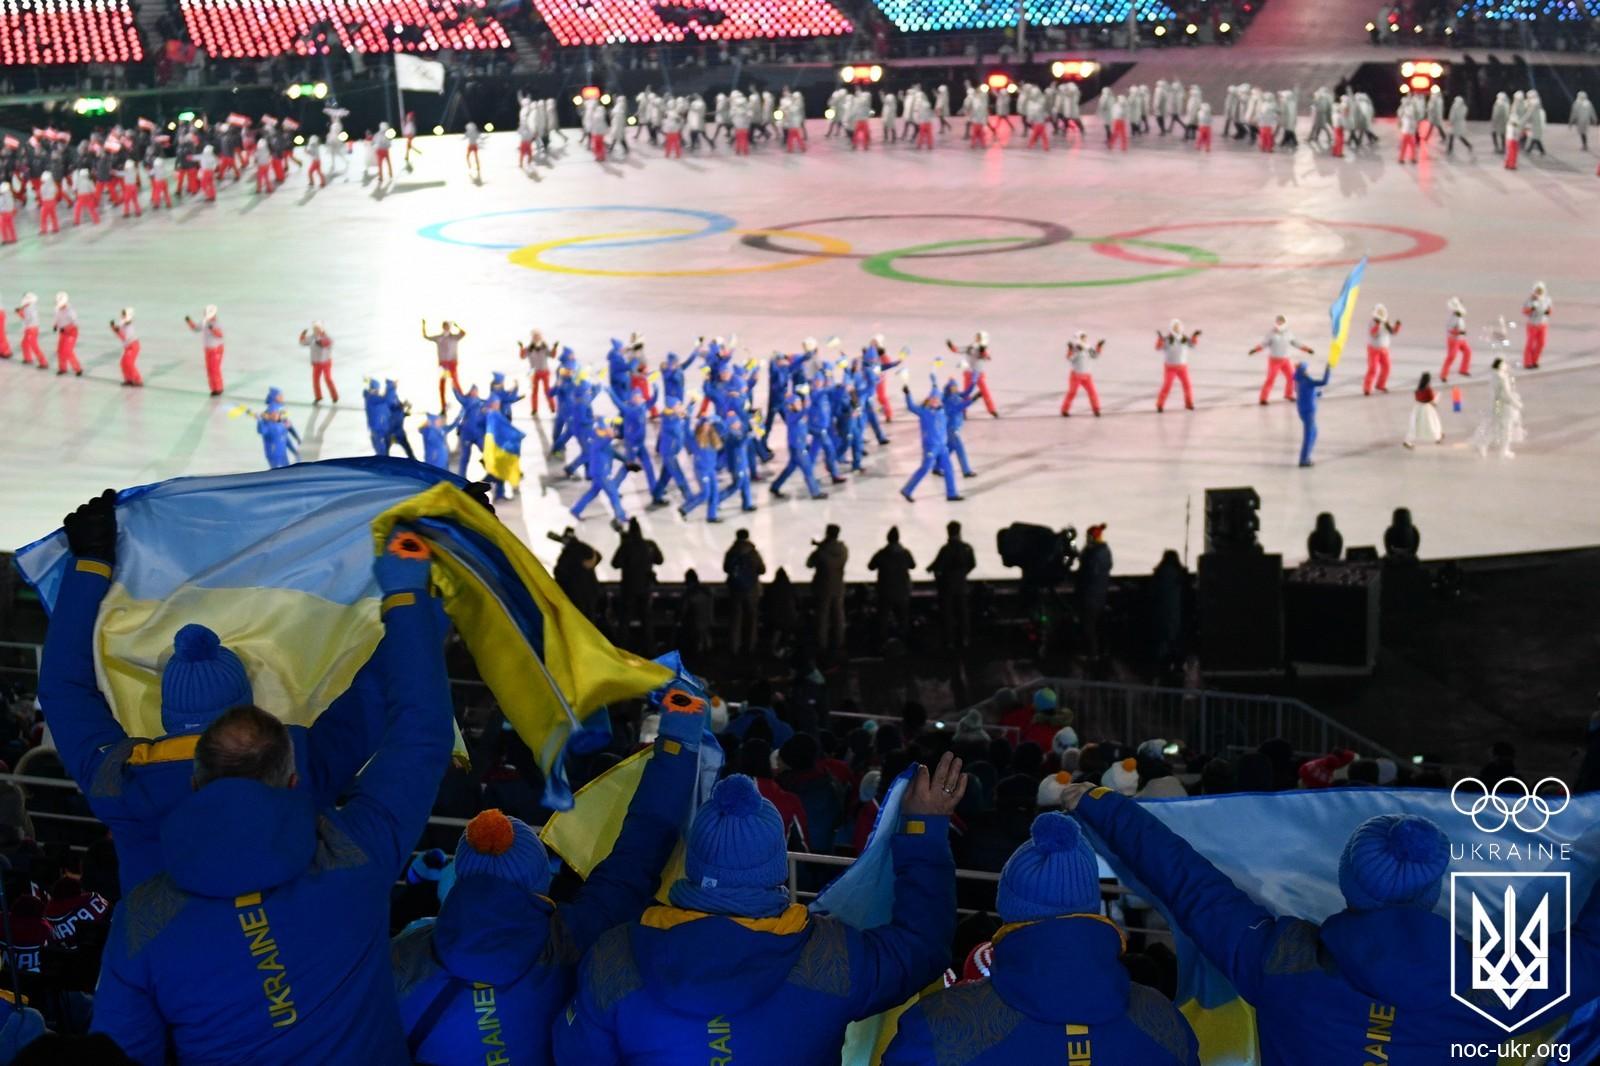 Фото дня: як виносили український прапор на відкритті Олімпіади у Південній Кореї